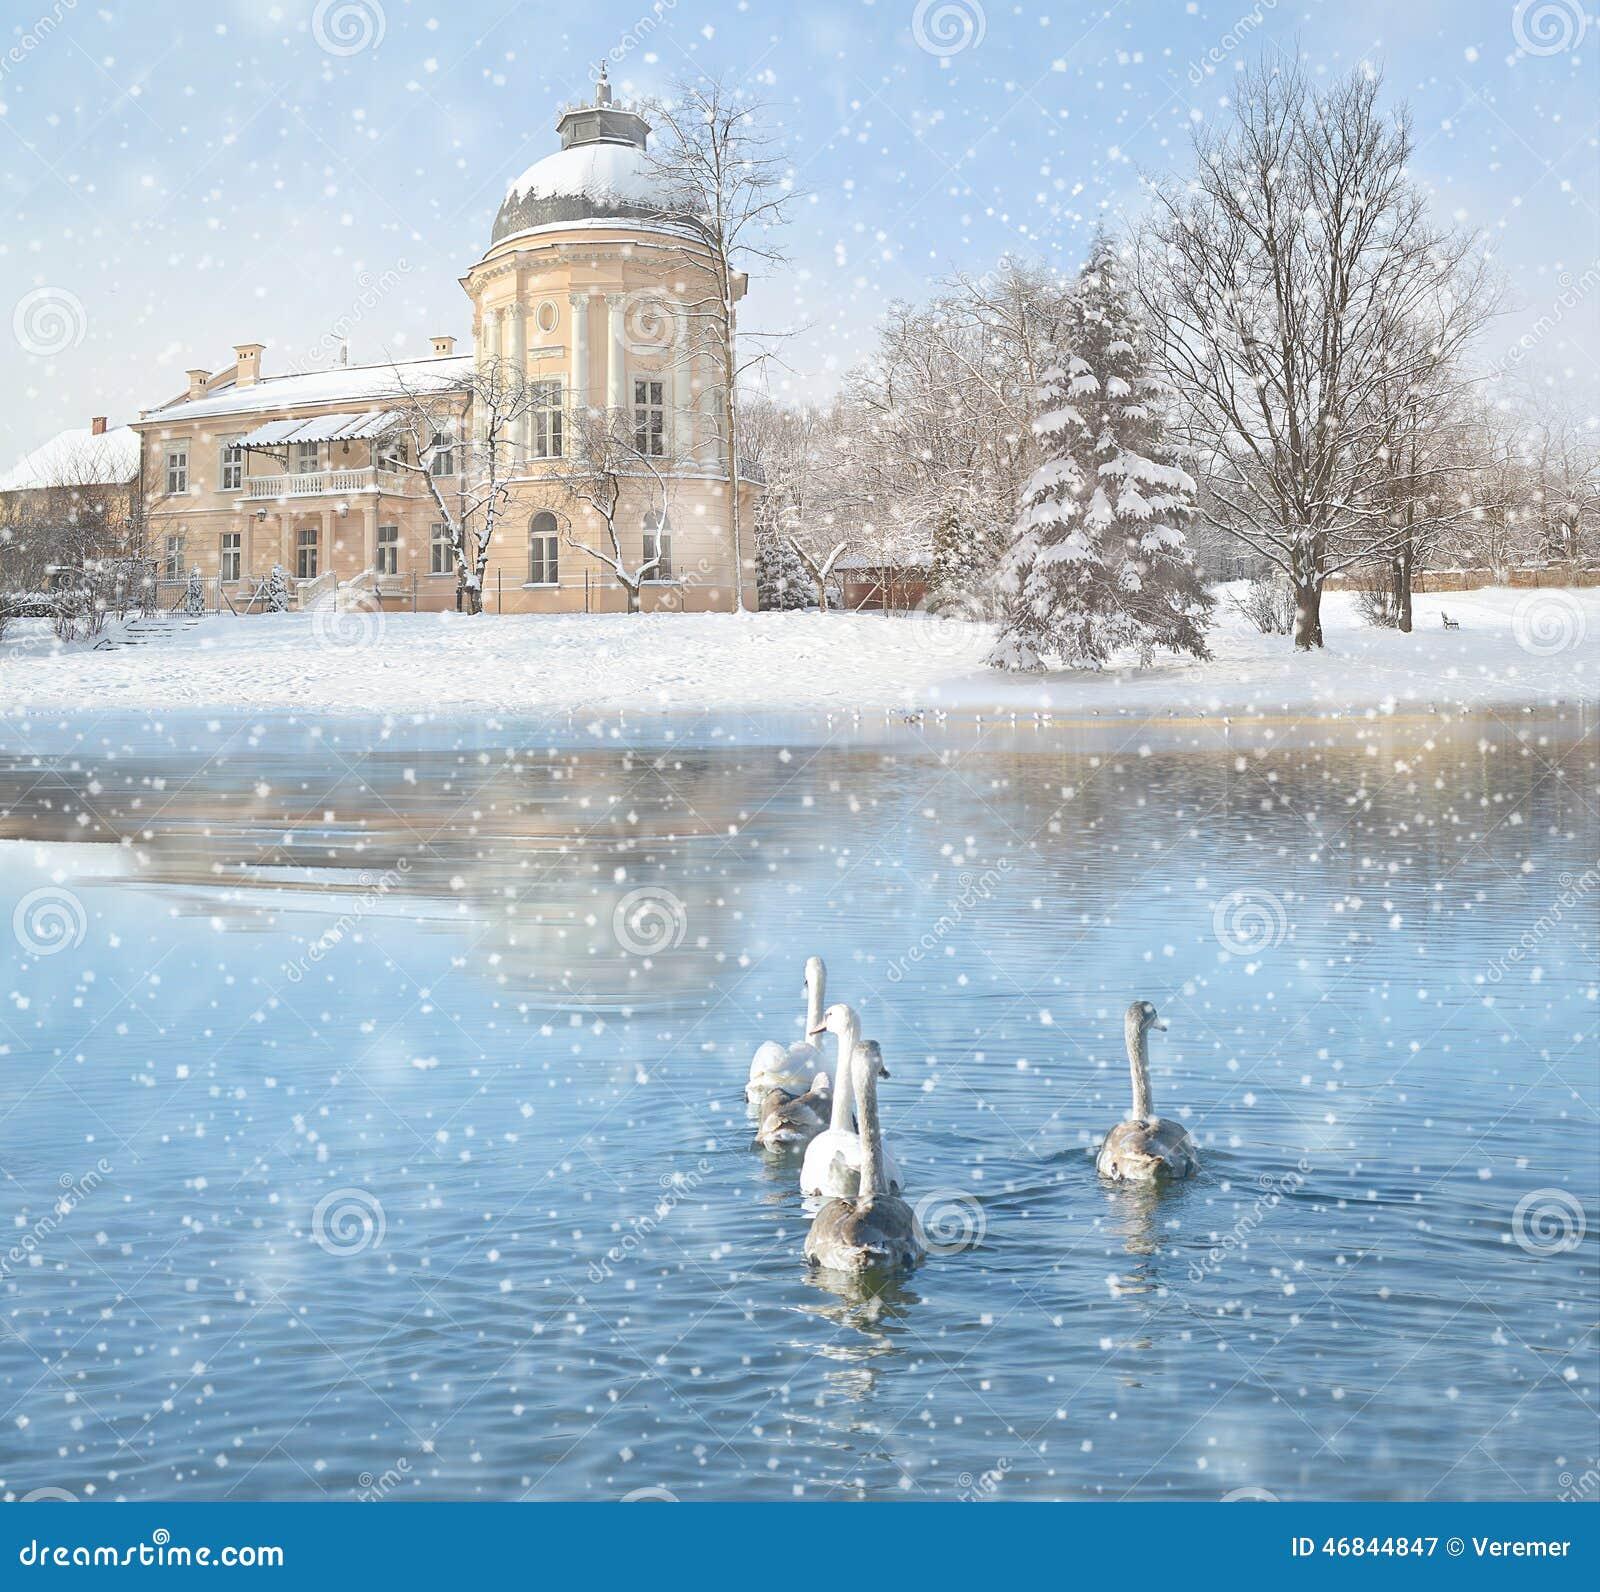 winterlandschaft mit schnee schloss und schw nen stockfoto bild 46844847. Black Bedroom Furniture Sets. Home Design Ideas